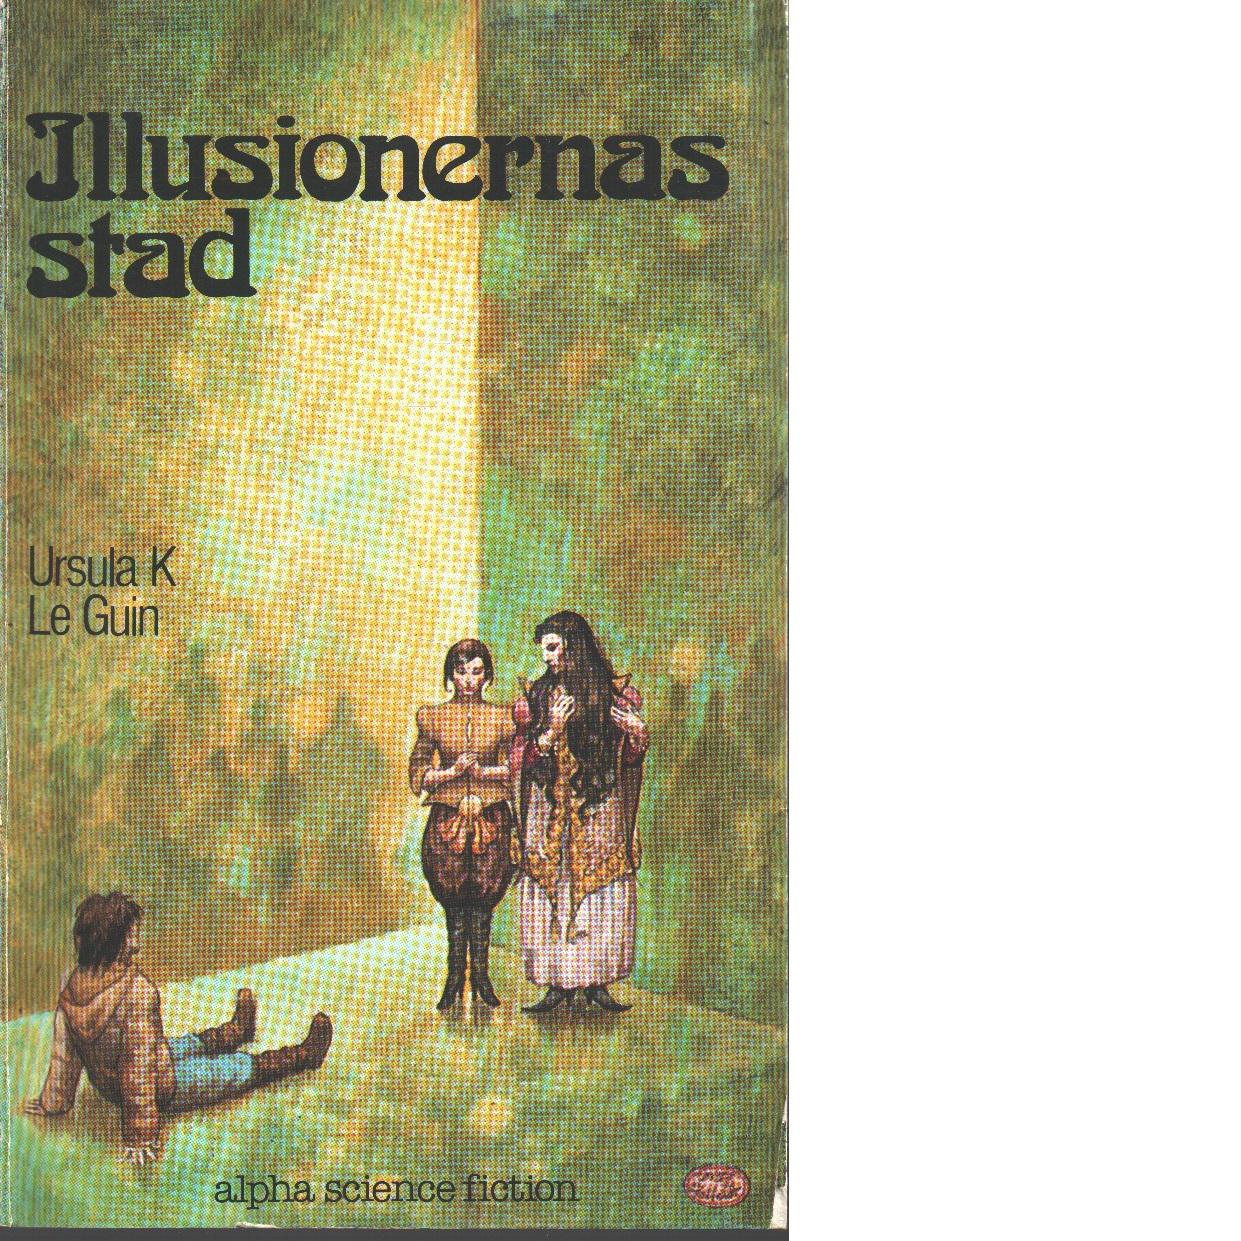 Illusionernas stad - Le Guin, Ursula K.